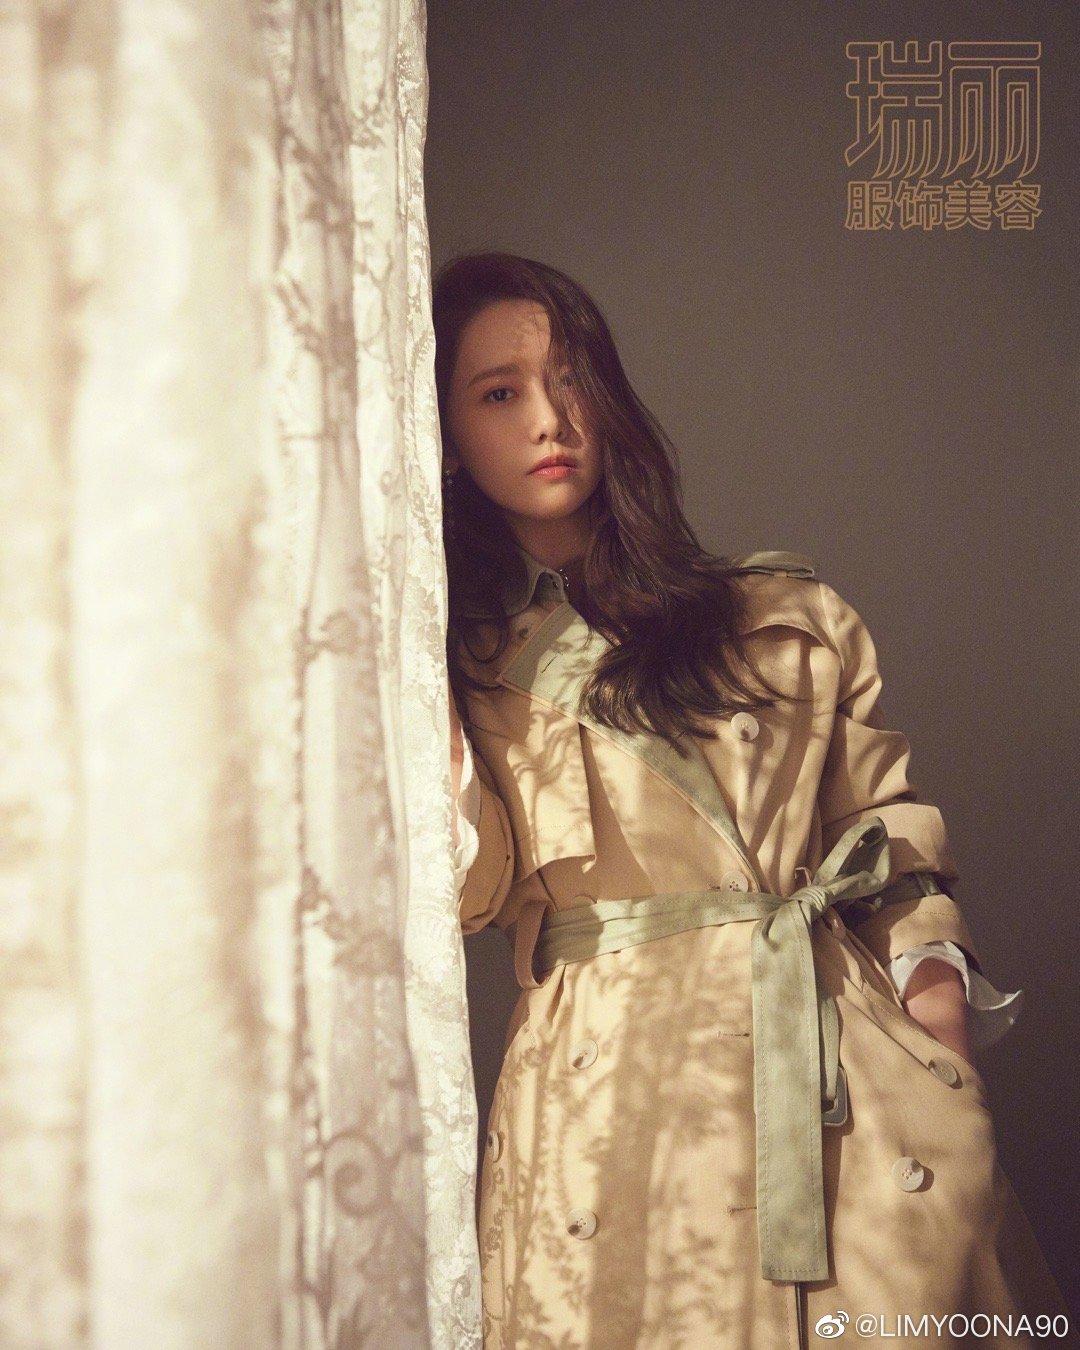 Yoona-2020-1-Rayli-11-www.kgirls.net.jpg